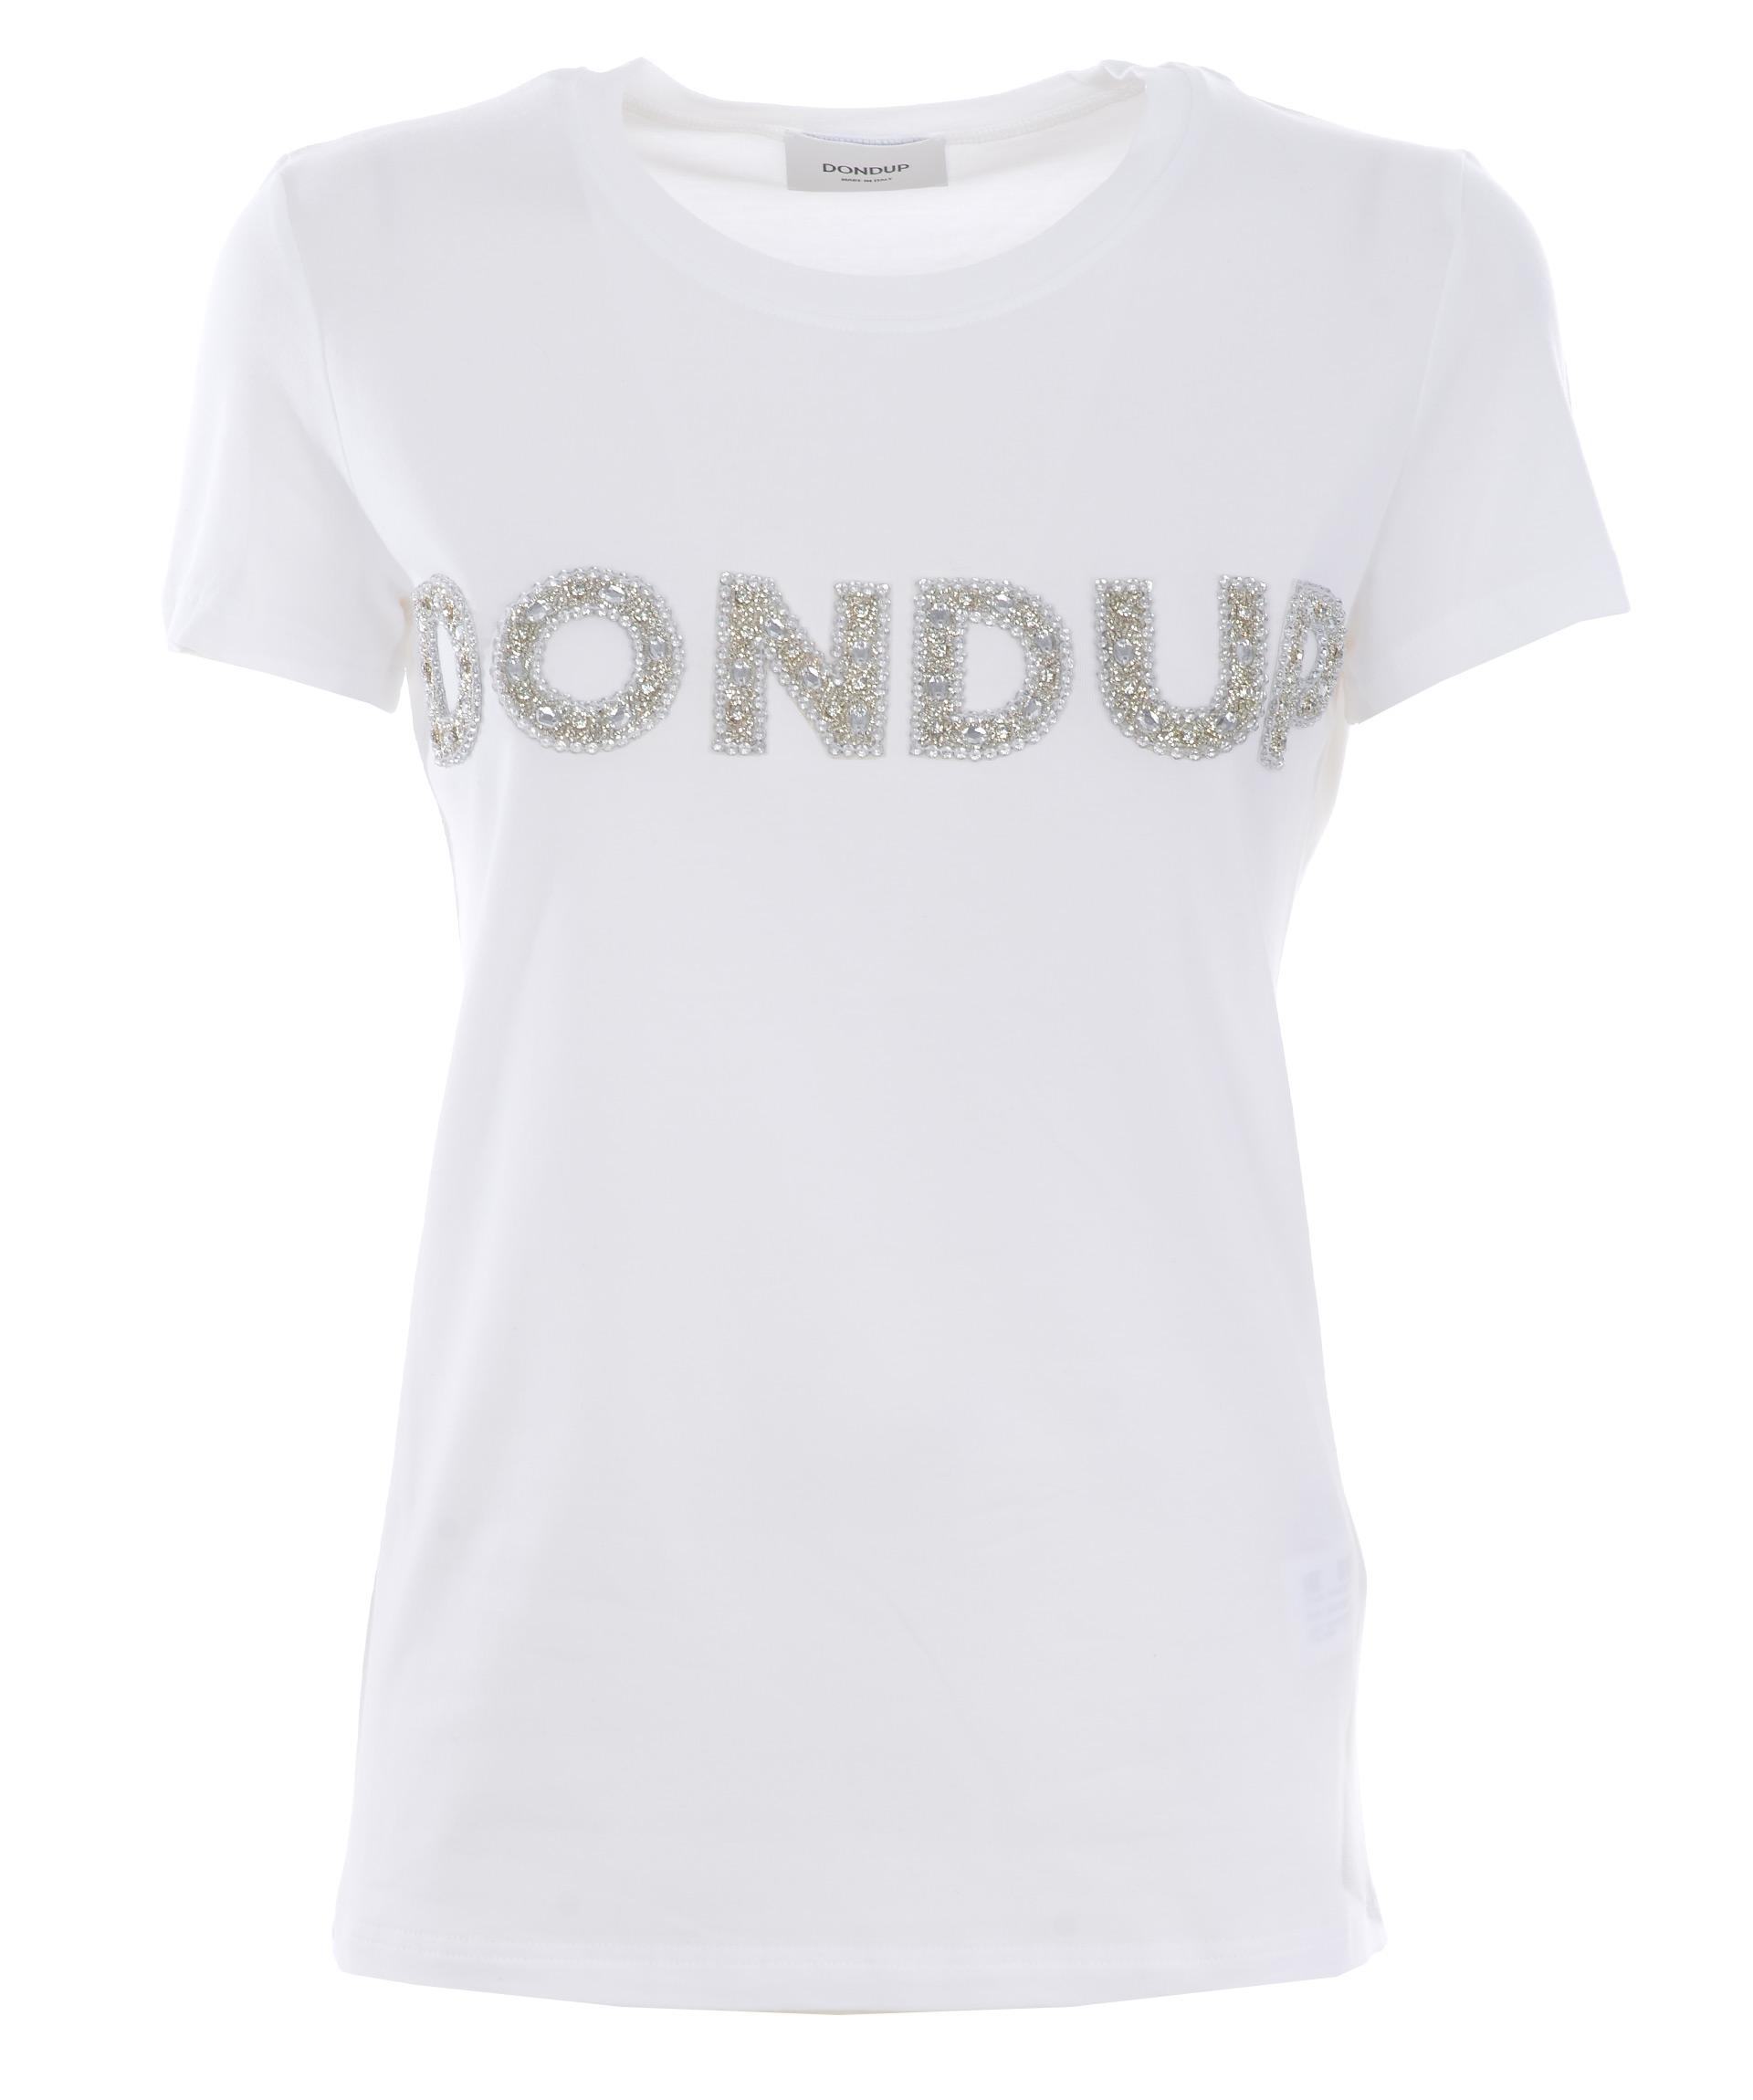 T-shirt Dondup logo